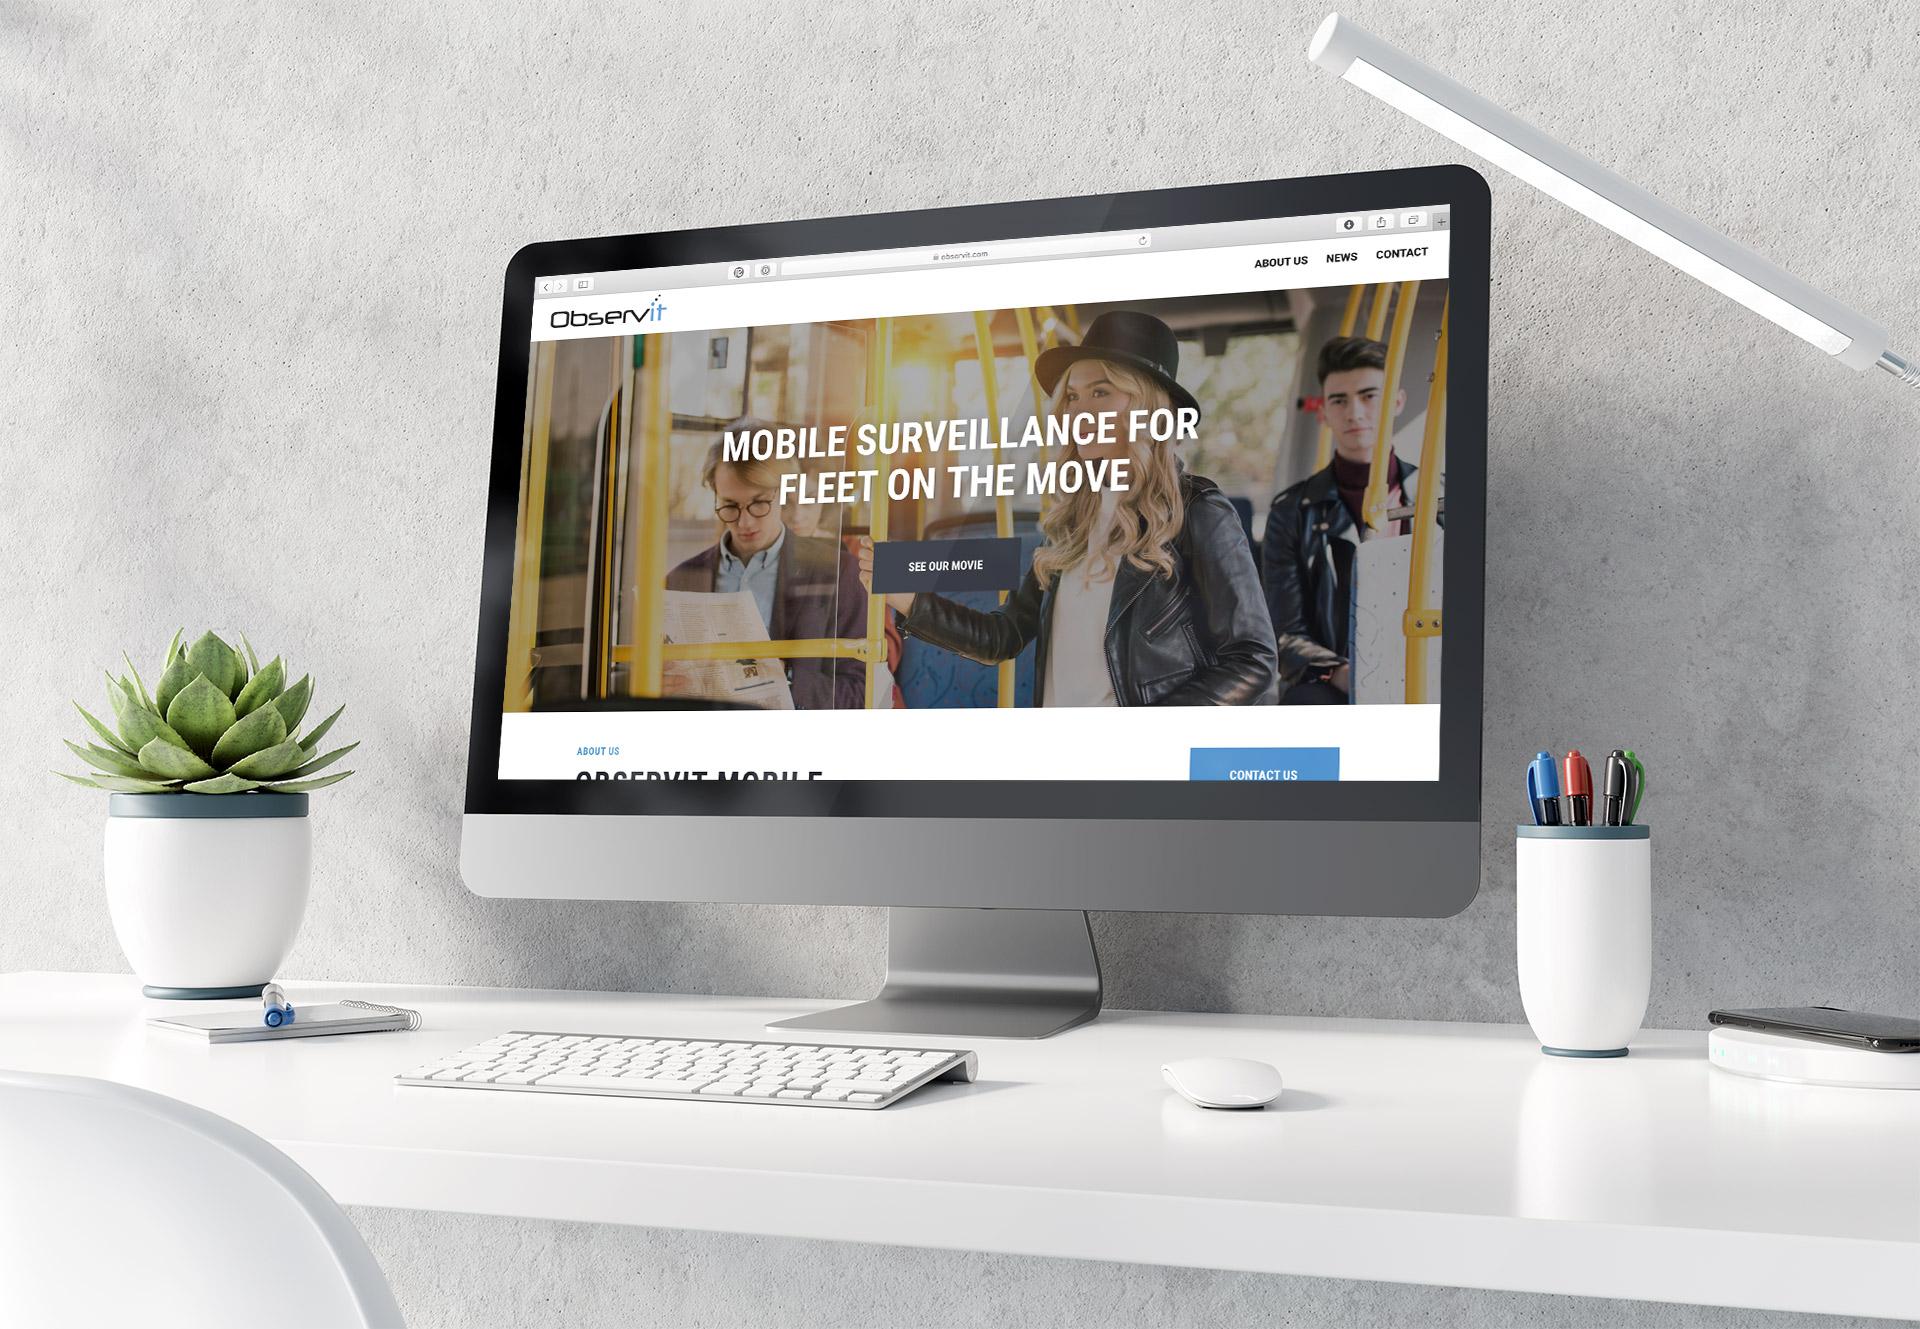 observit webbdesign webbutveckling